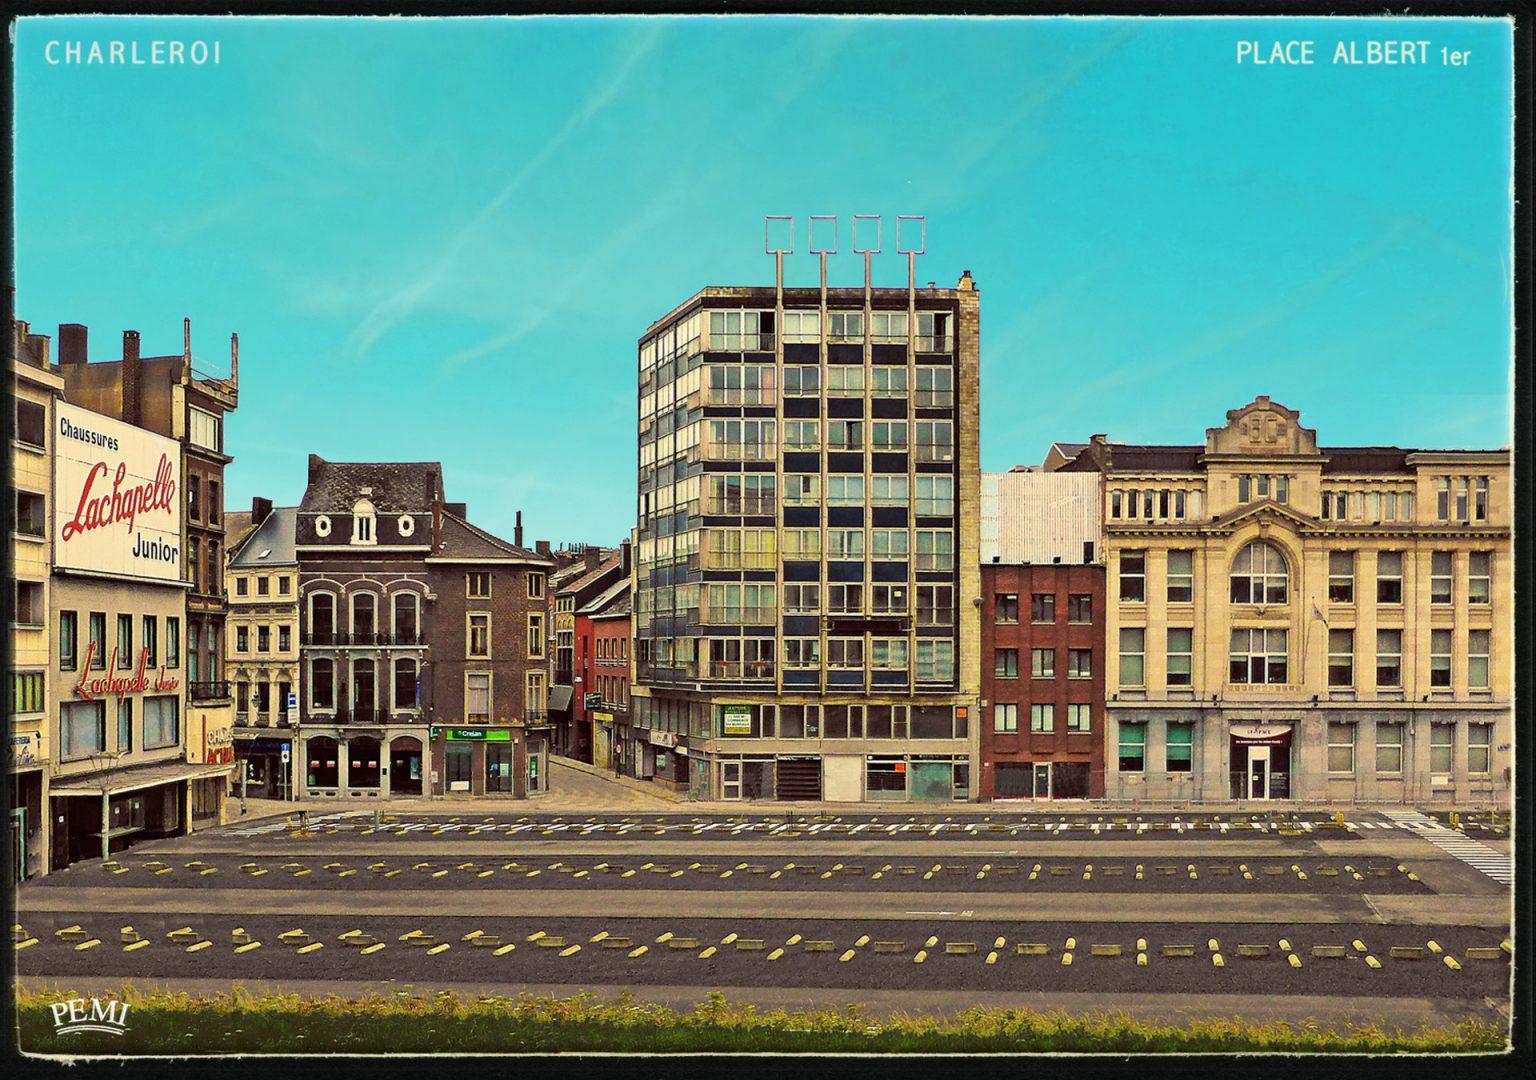 Charleroi007-1536x1080.jpg